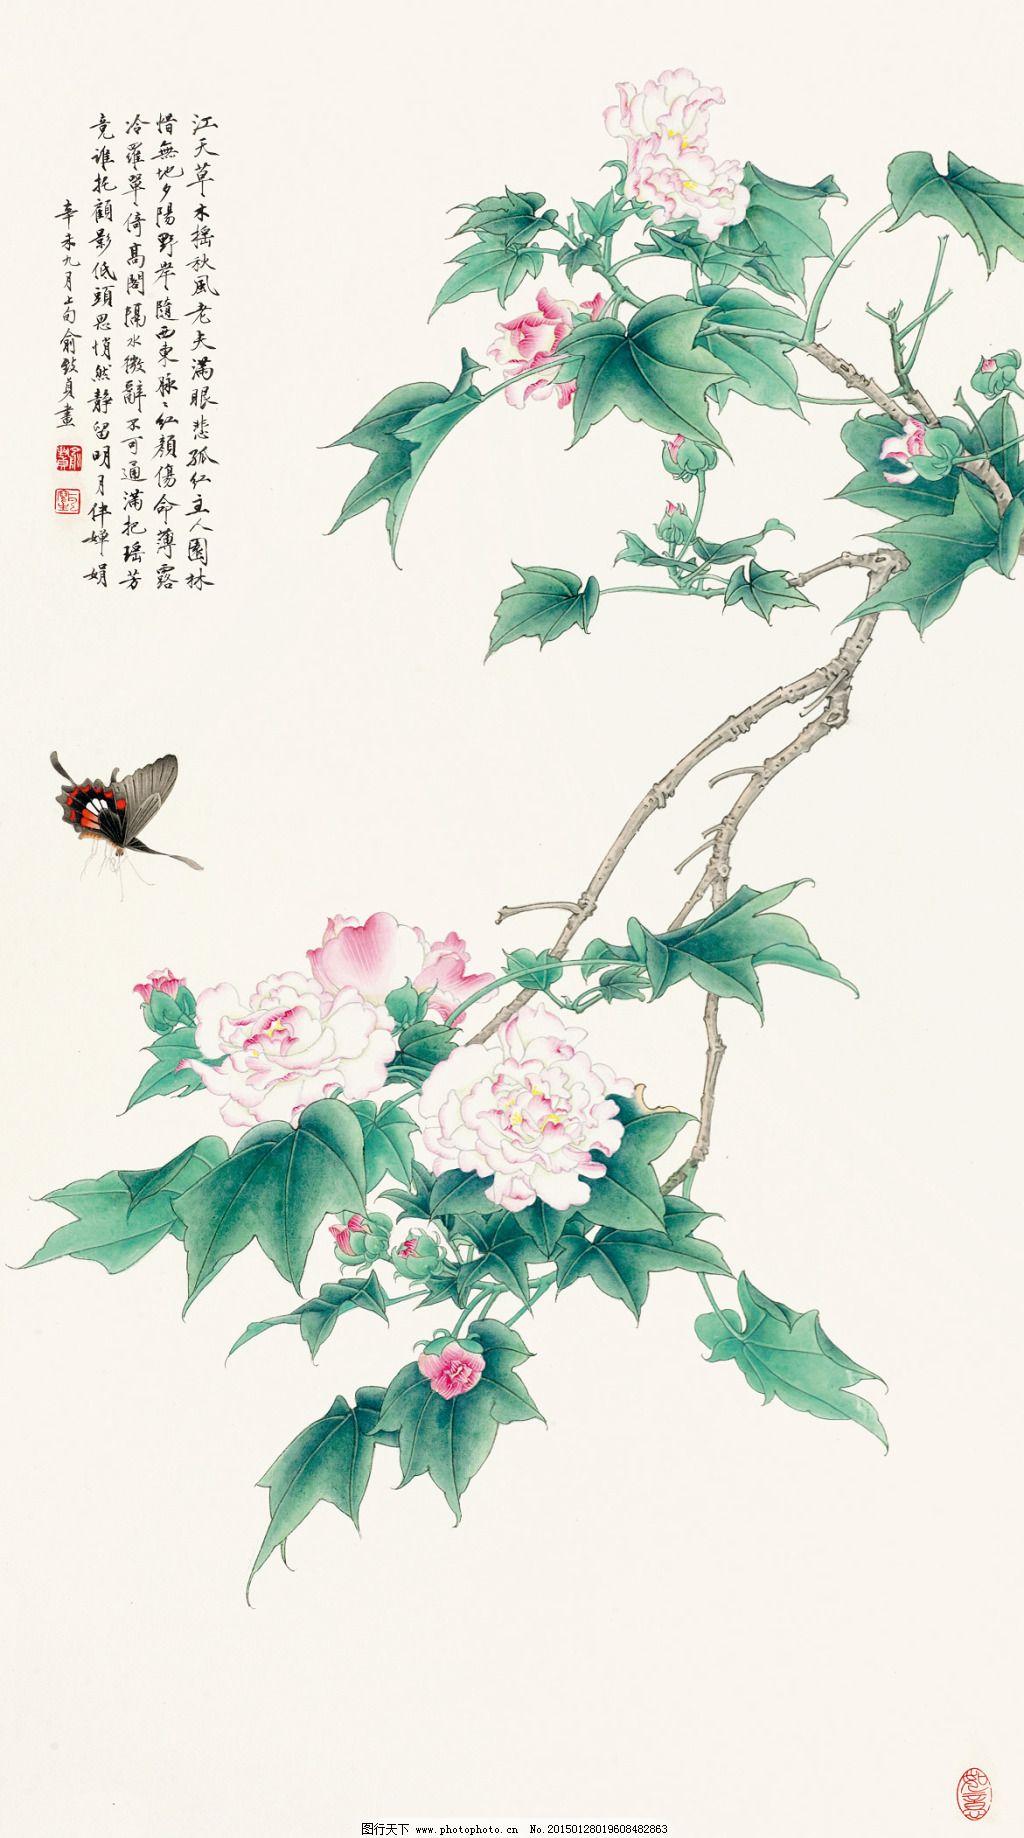 沈周诗意图 沈周诗意图免费下载 刺绣 芙蓉花 工笔花鸟画 蝴蝶